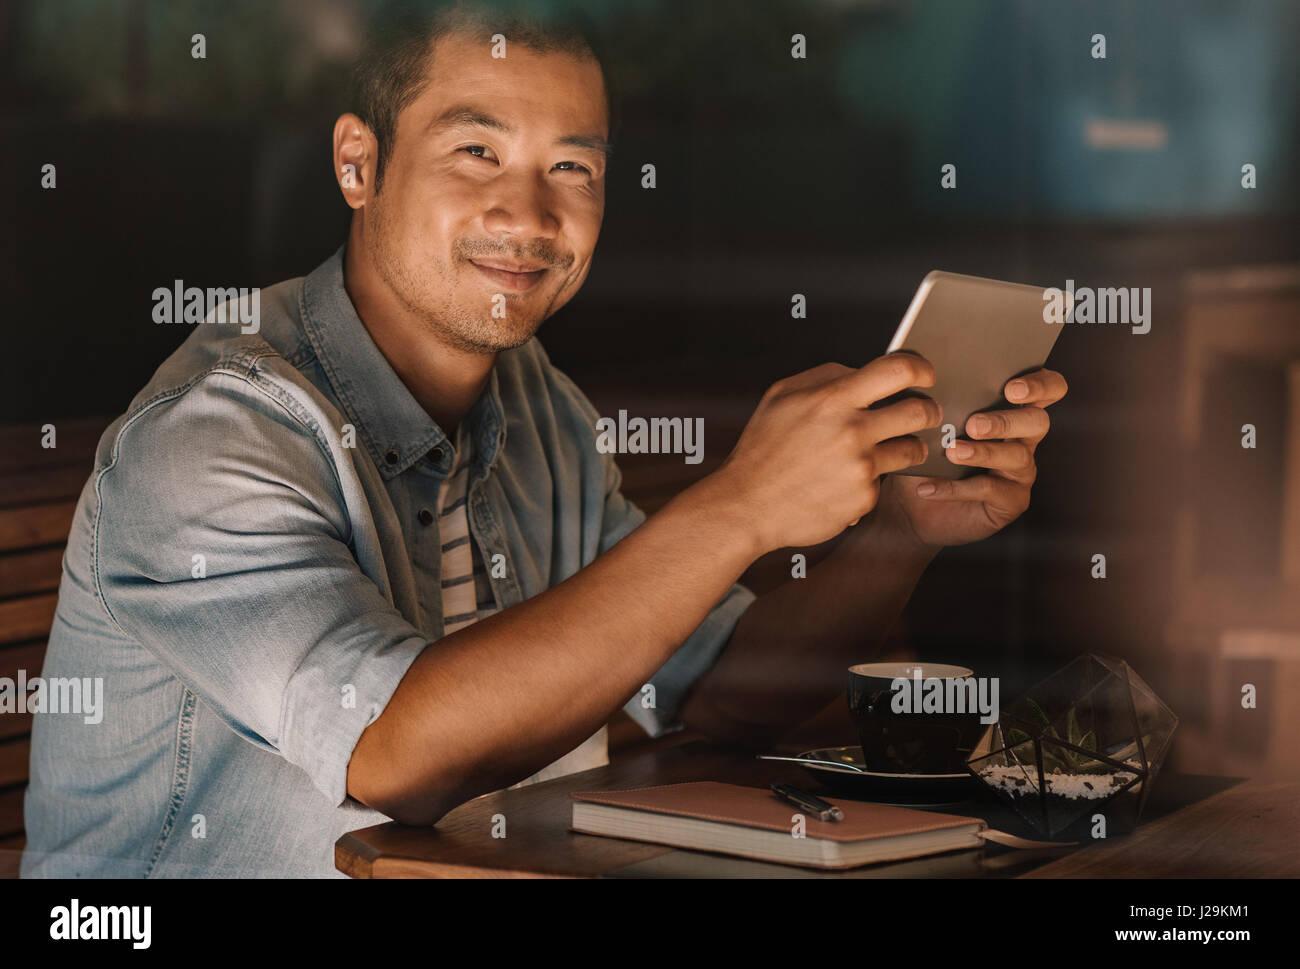 Contenuto uomo asiatico navigazione online mentre è seduto in un bar Immagini Stock